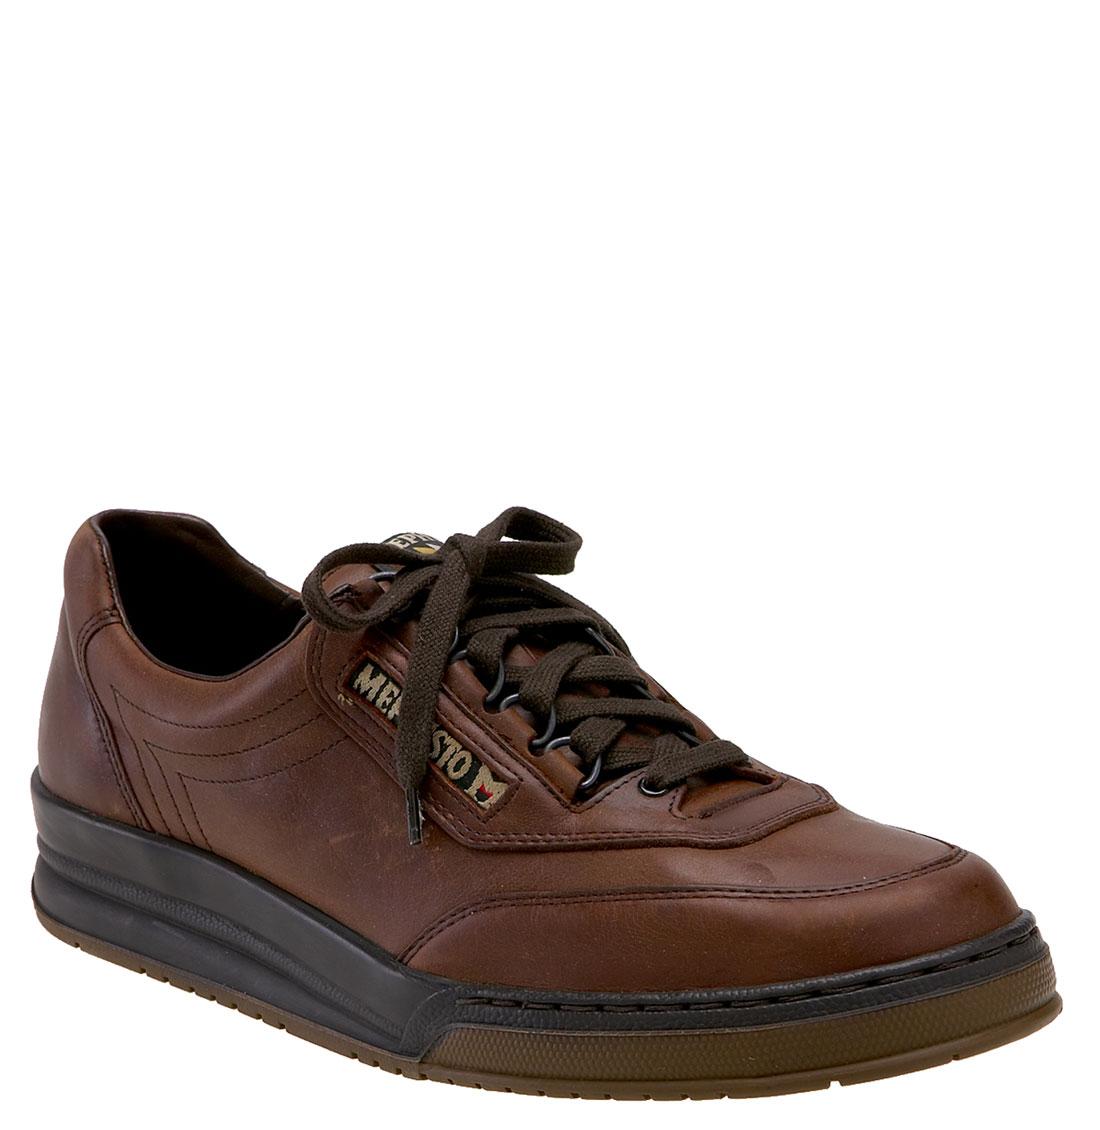 Crack In Heel Of New Cole Haan Shoe